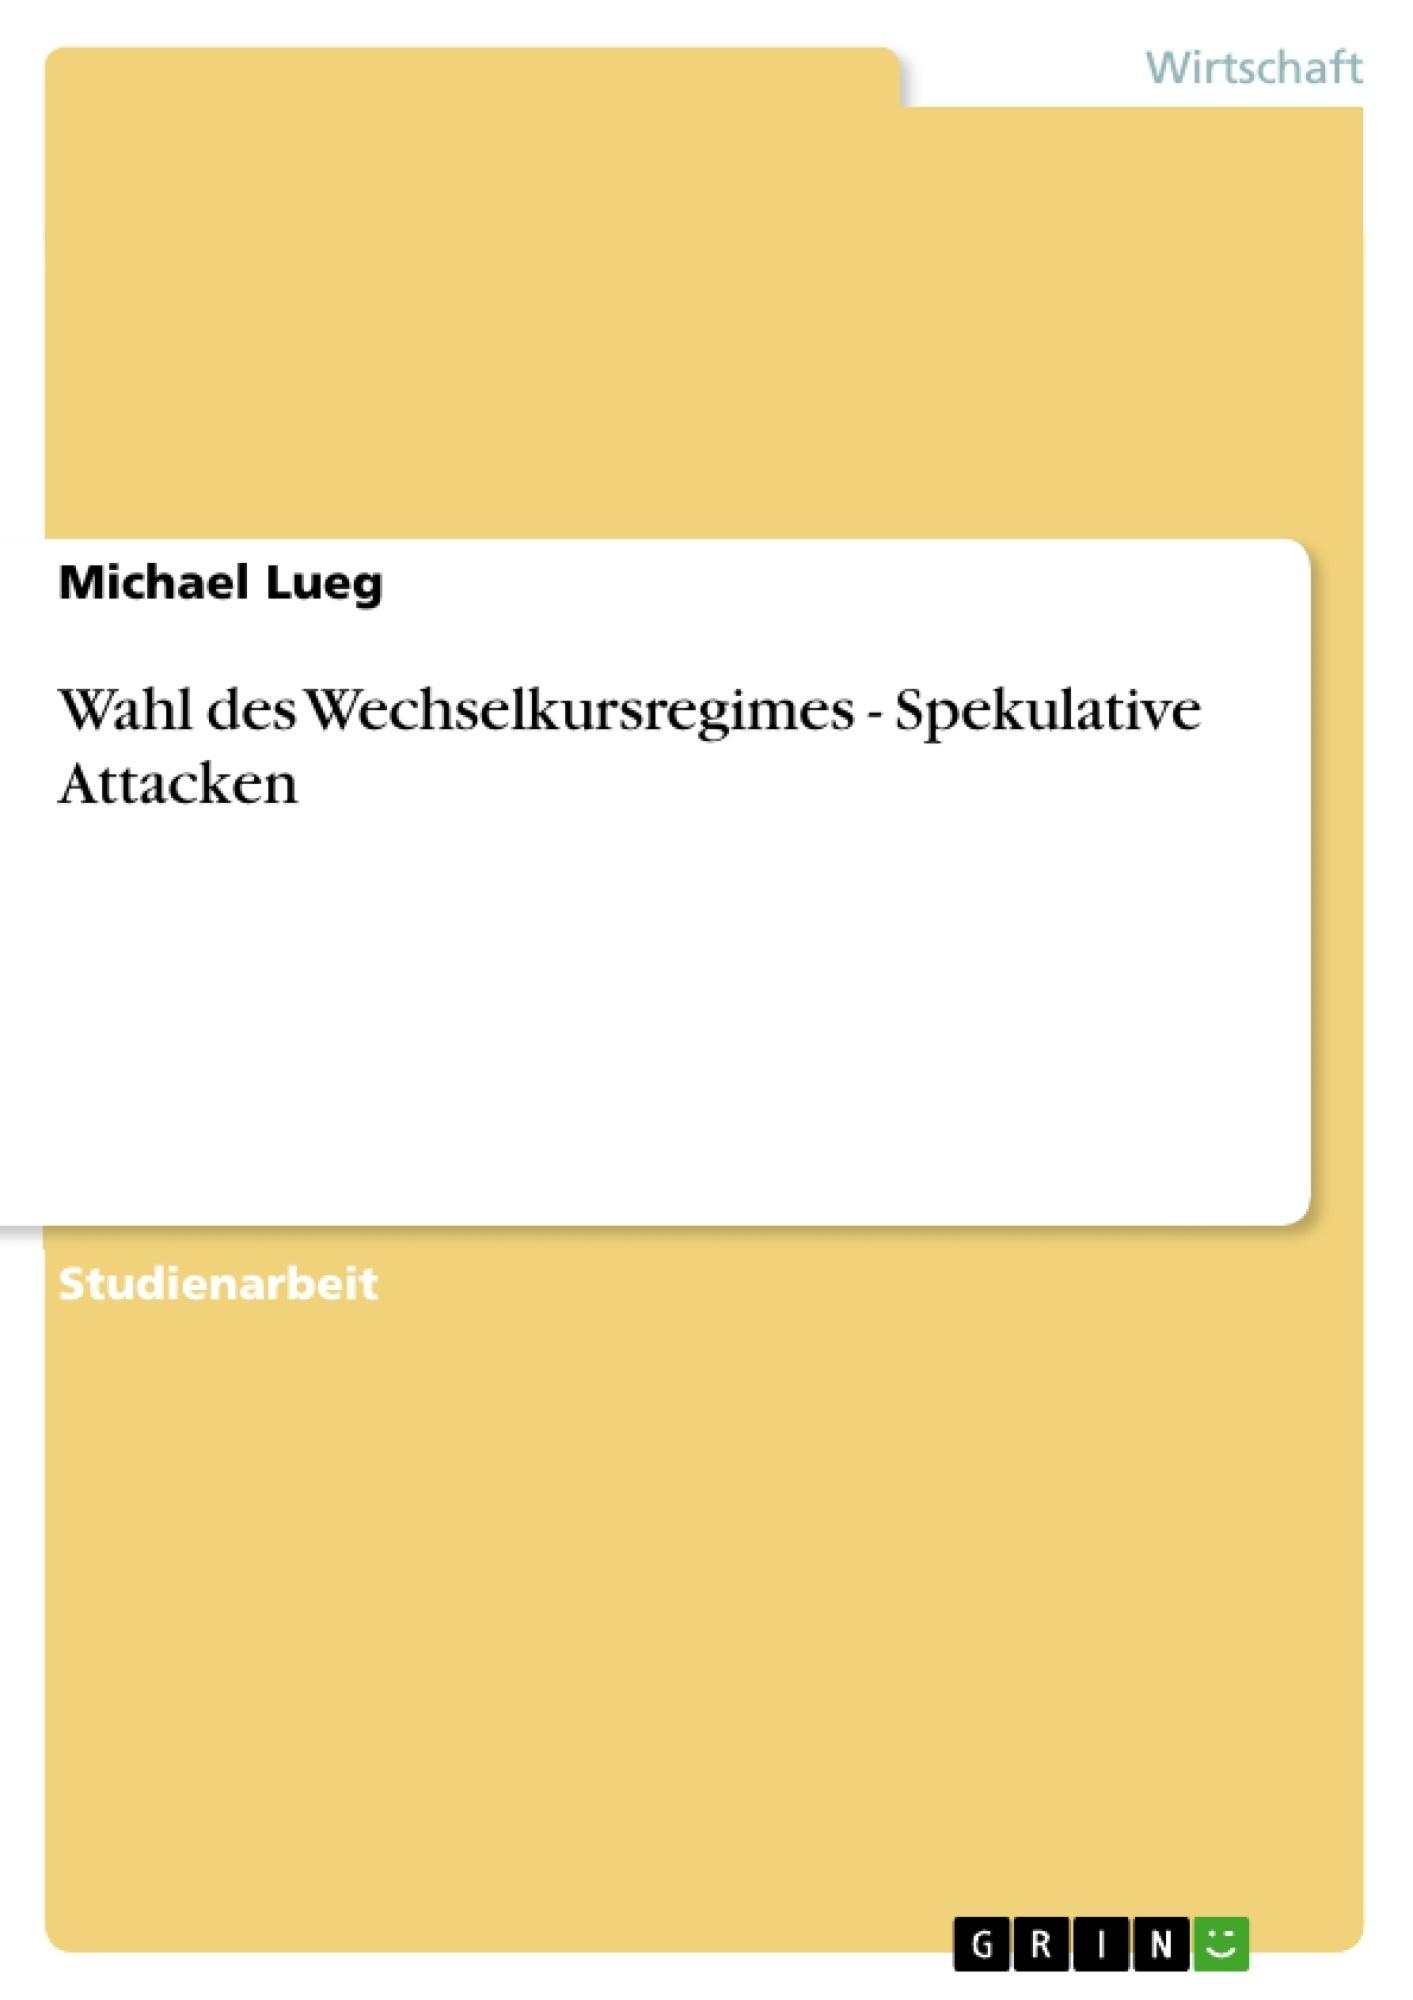 Titel: Wahl des Wechselkursregimes - Spekulative Attacken